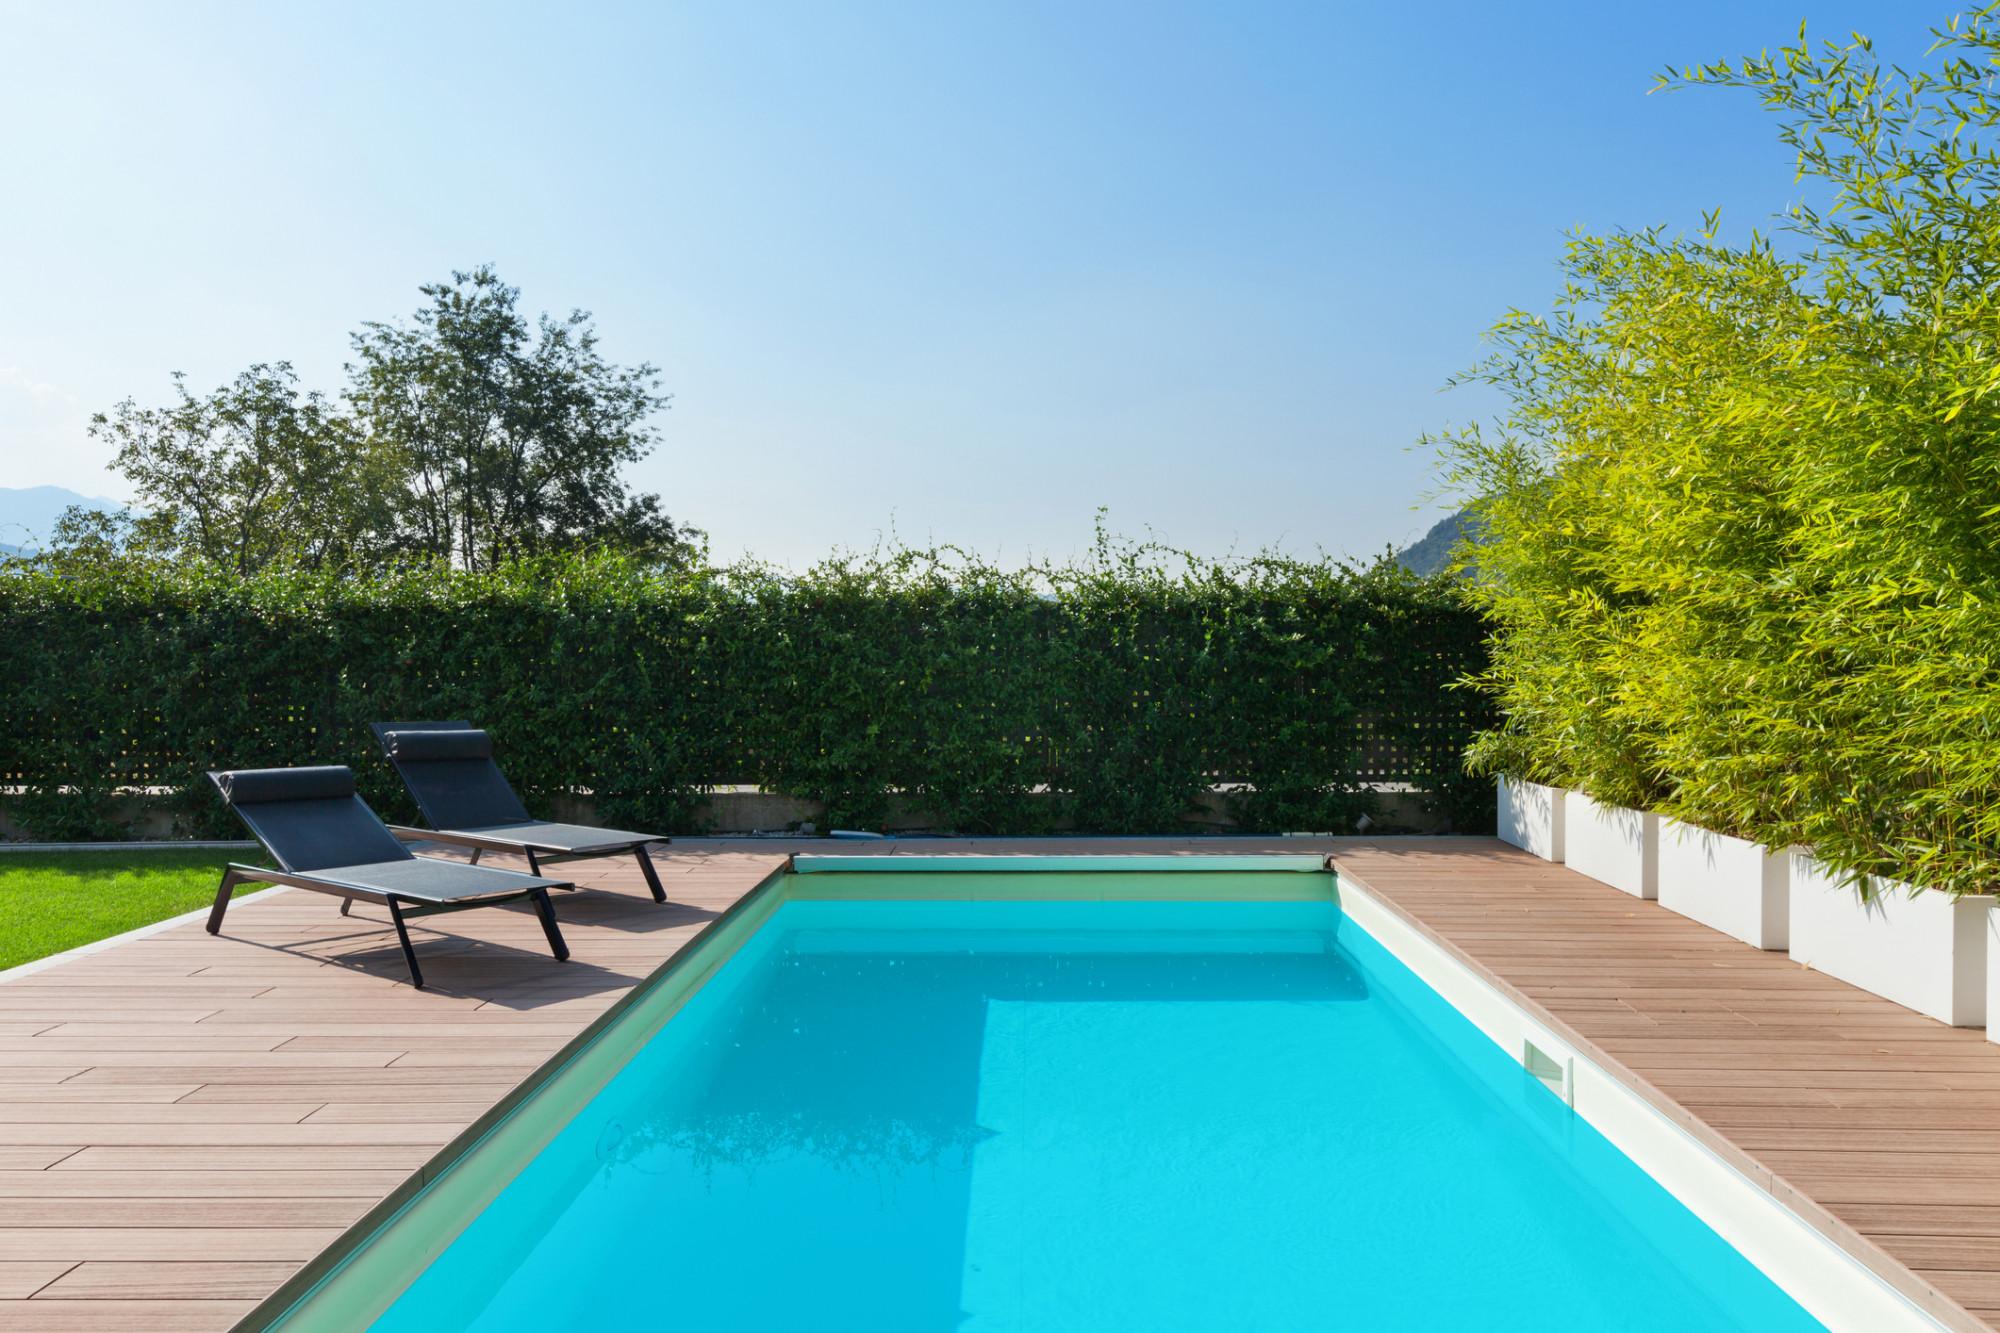 Väčšie bazény pri dome alebo v záhrade - #772